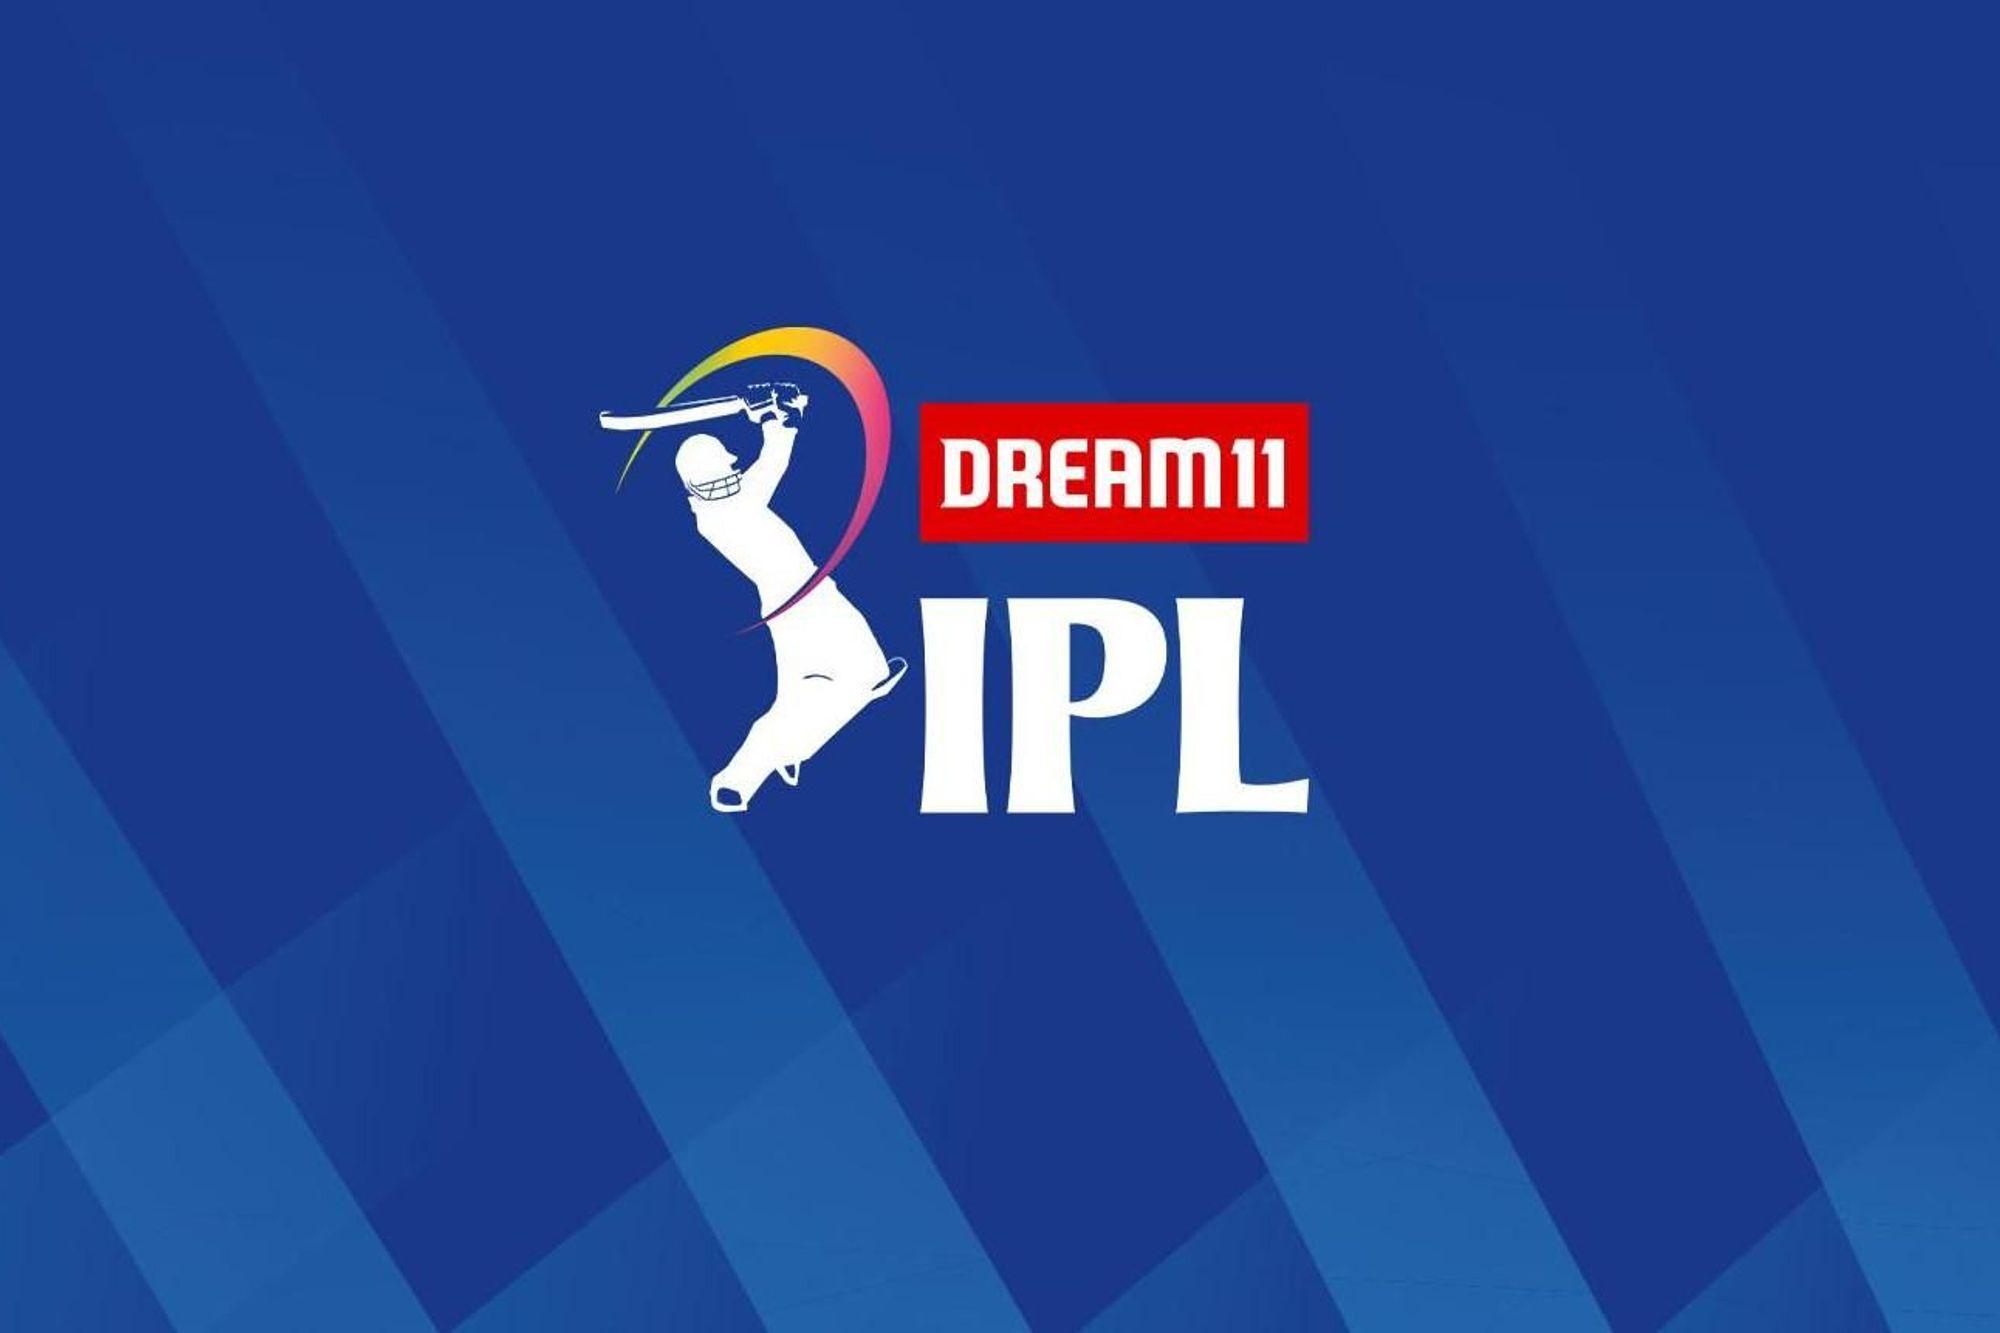 BCCI ANNOUNCES SCHEDULE FOR DREAM11 IPL 2020